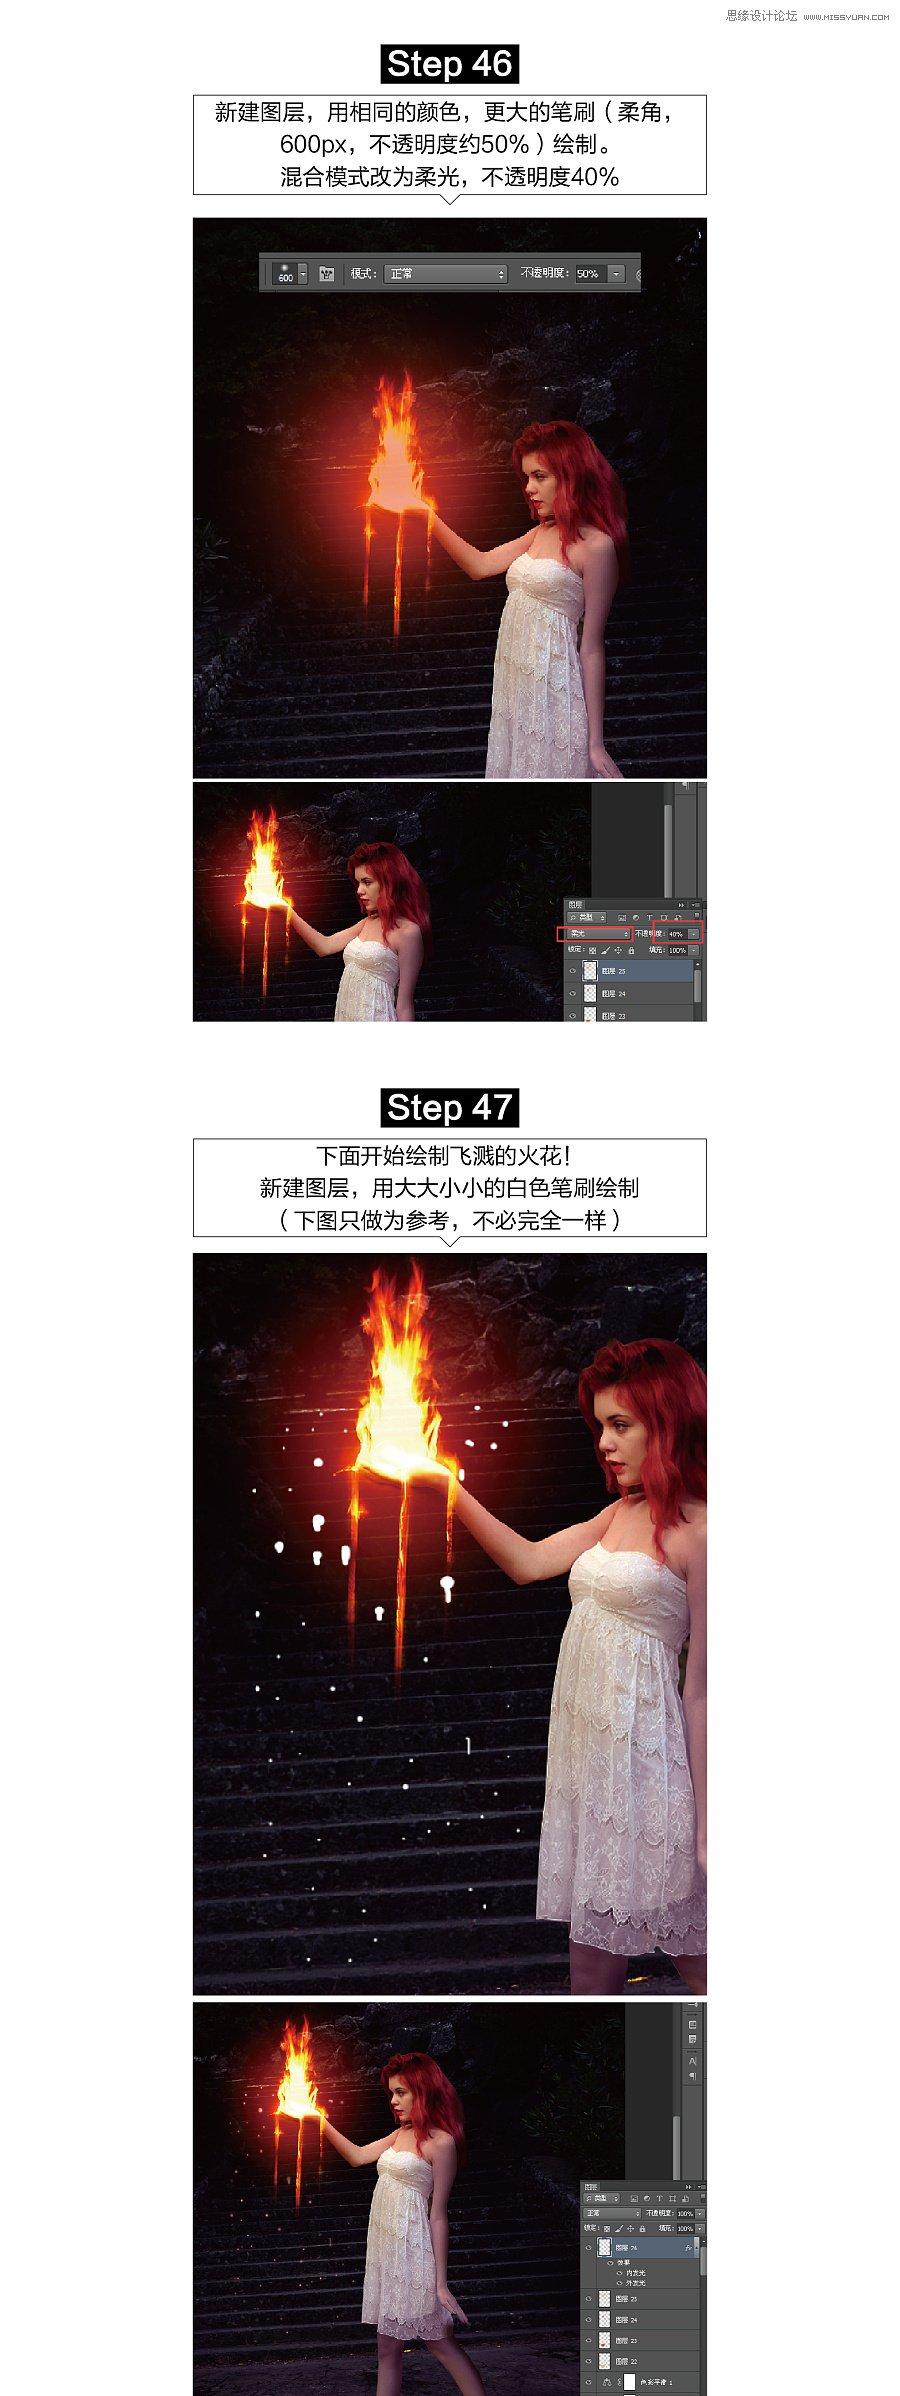 Photoshop合成超酷的手捧火花的歐美女孩